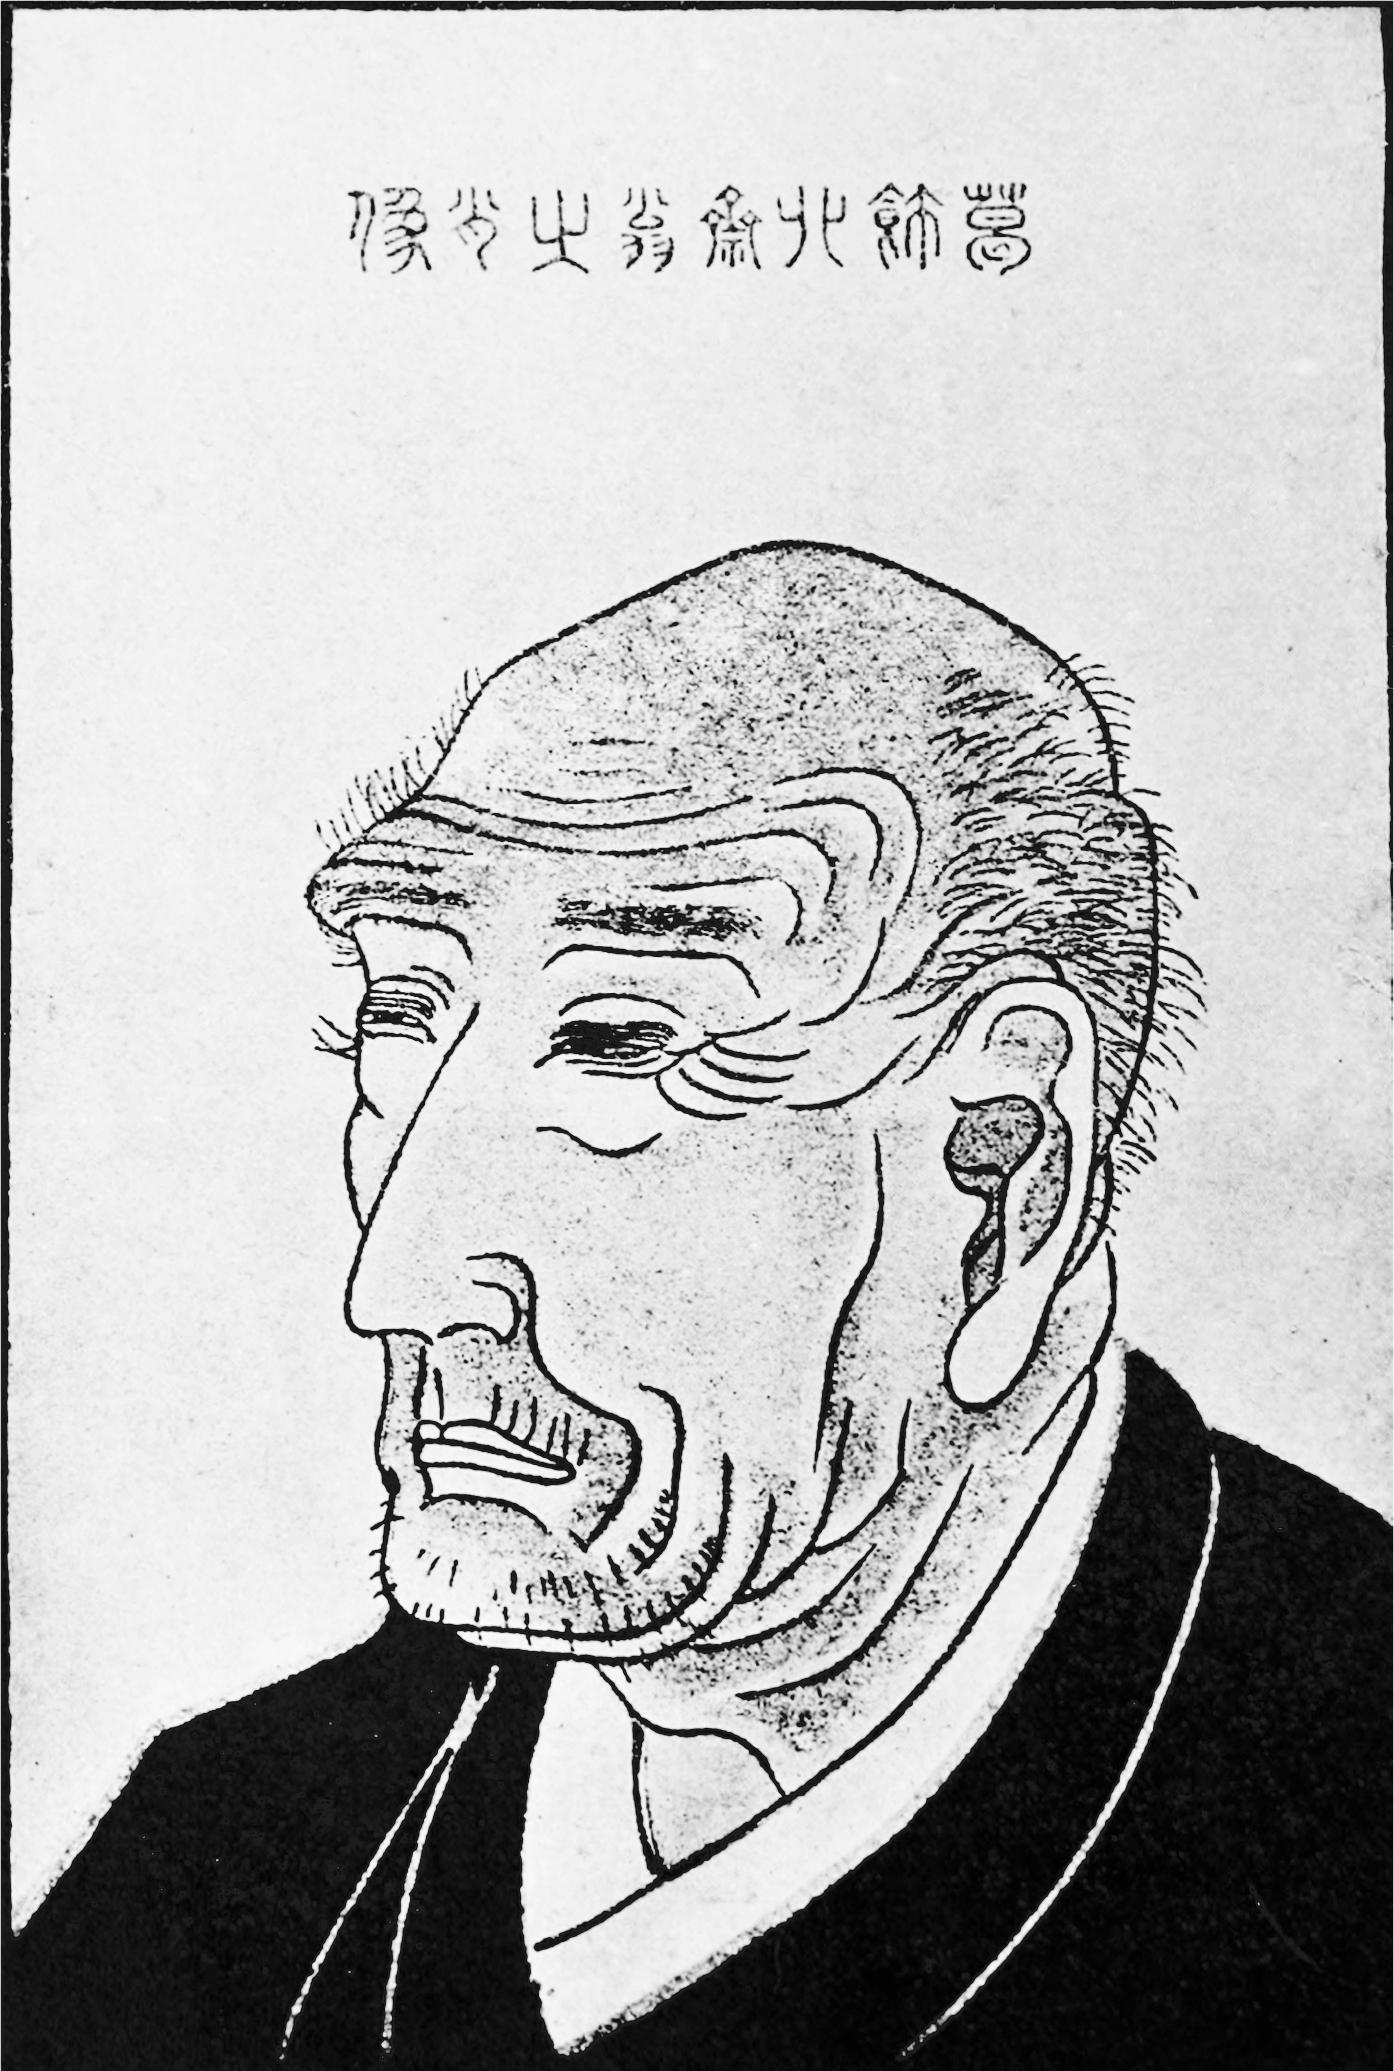 katsushika hokusai portrait